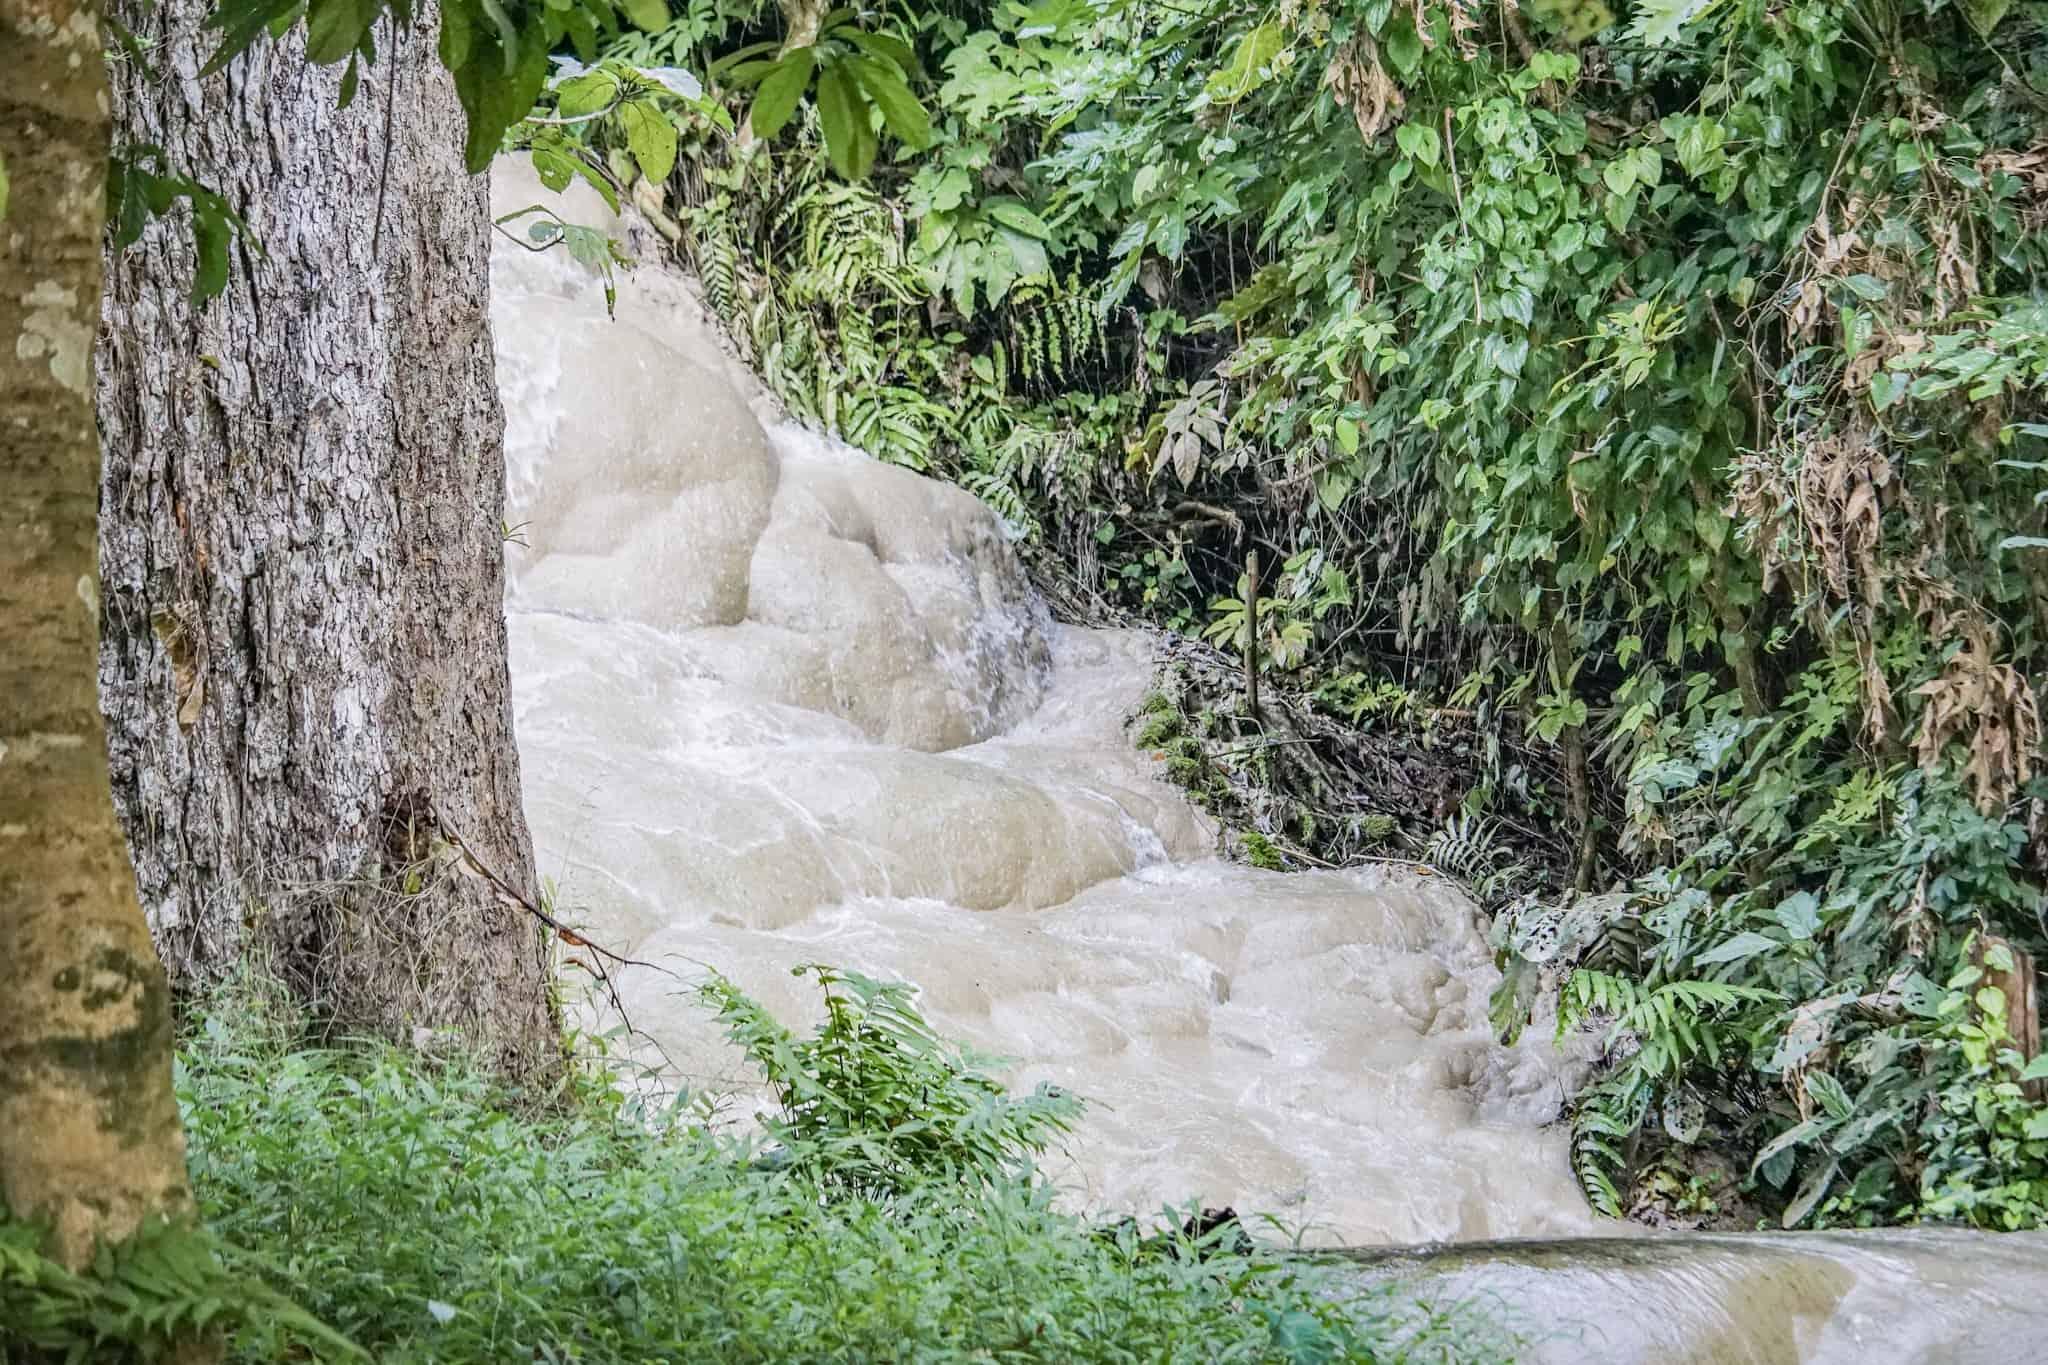 Sticky Waterfalls